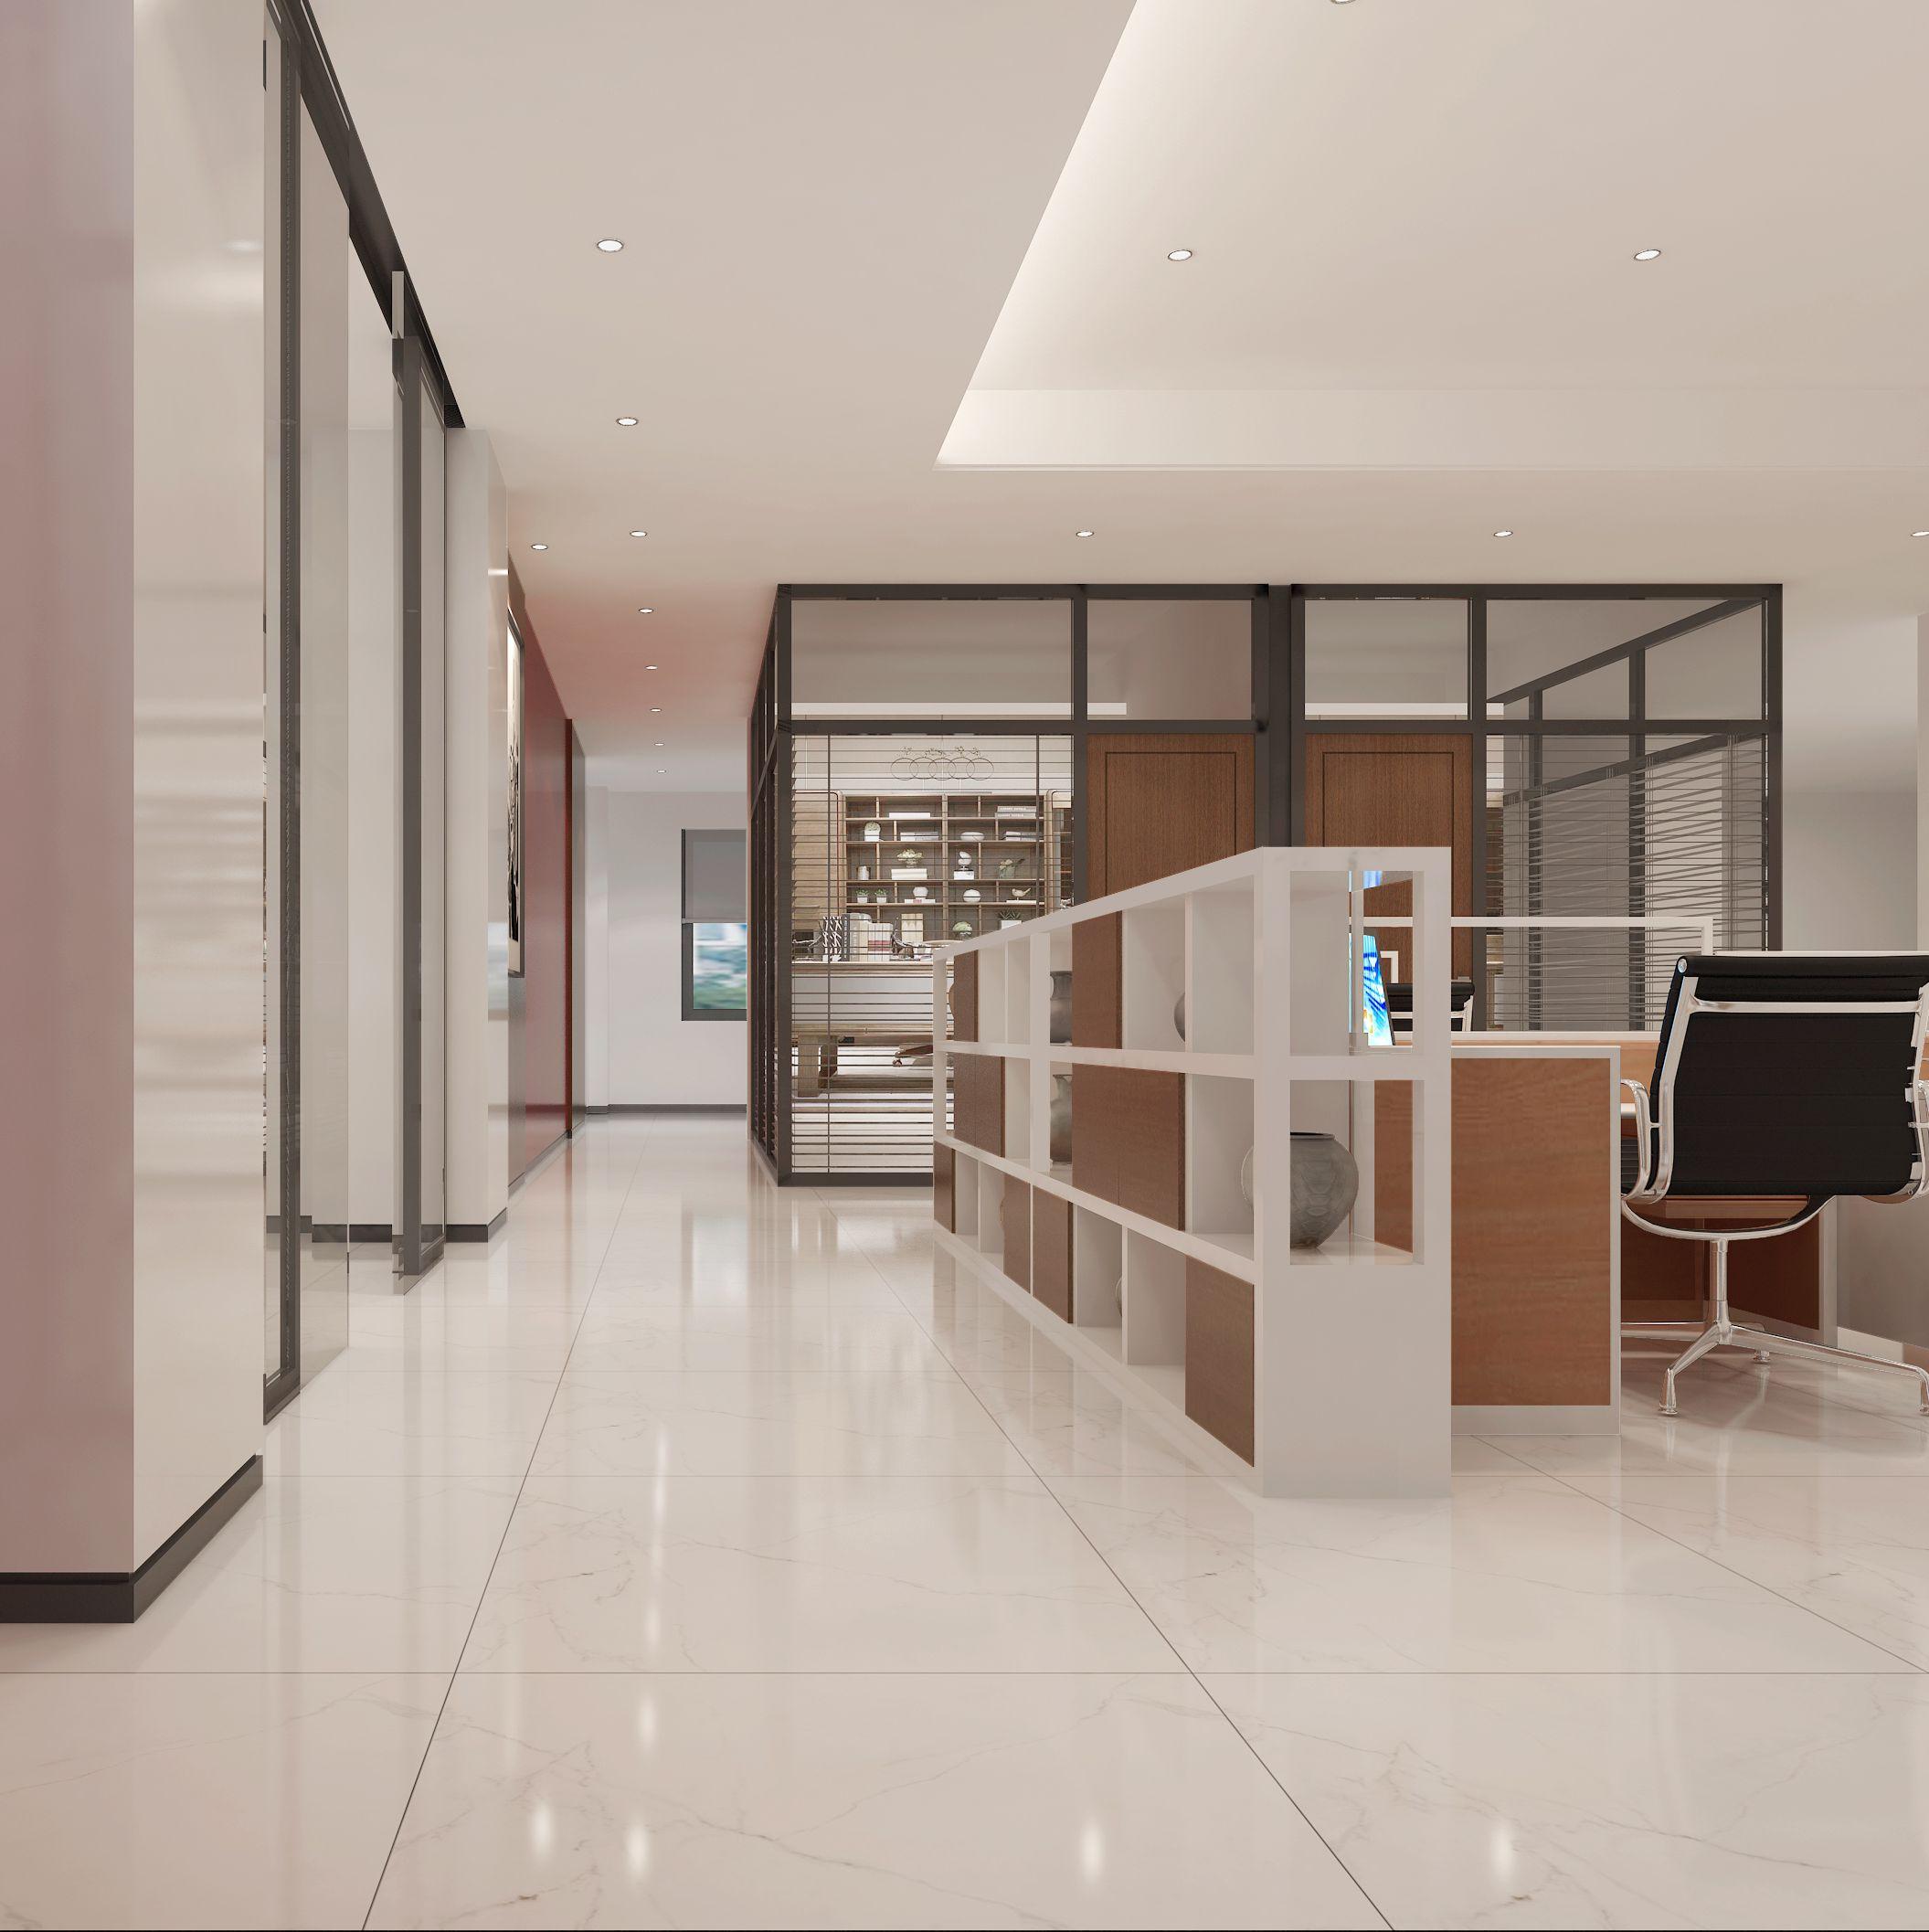 荣信投资控股有限公司办公空间设计